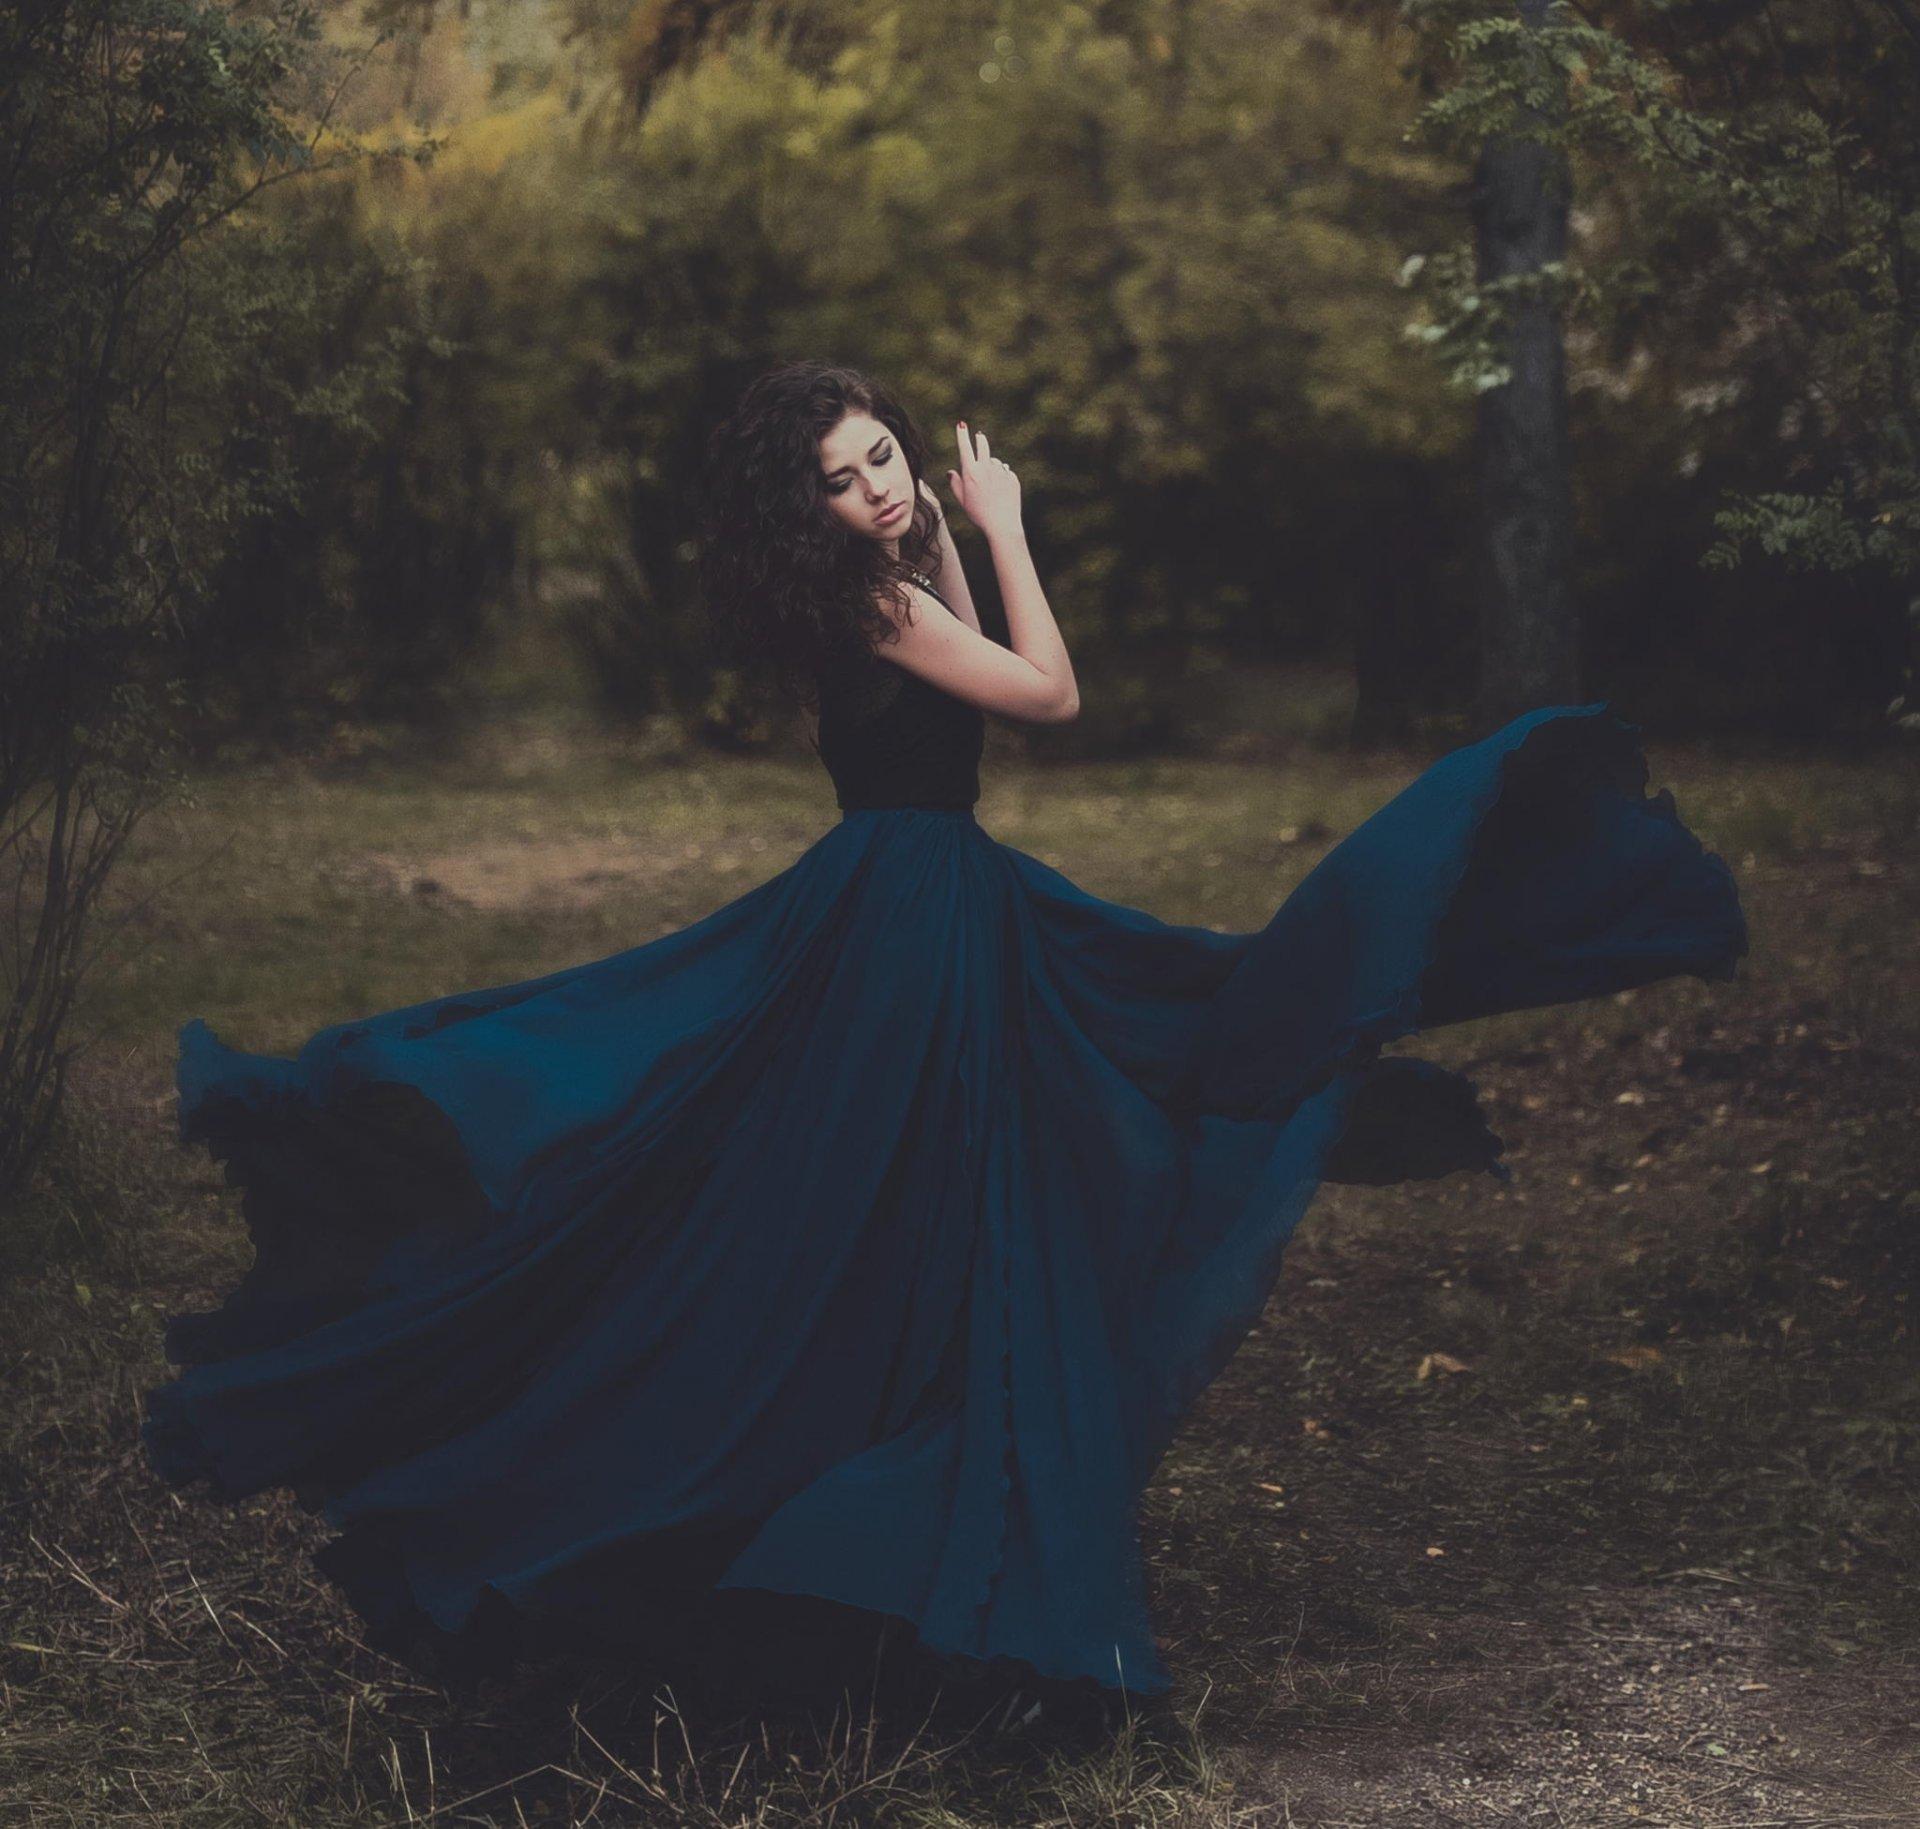 брюнетка в длинном платье фото